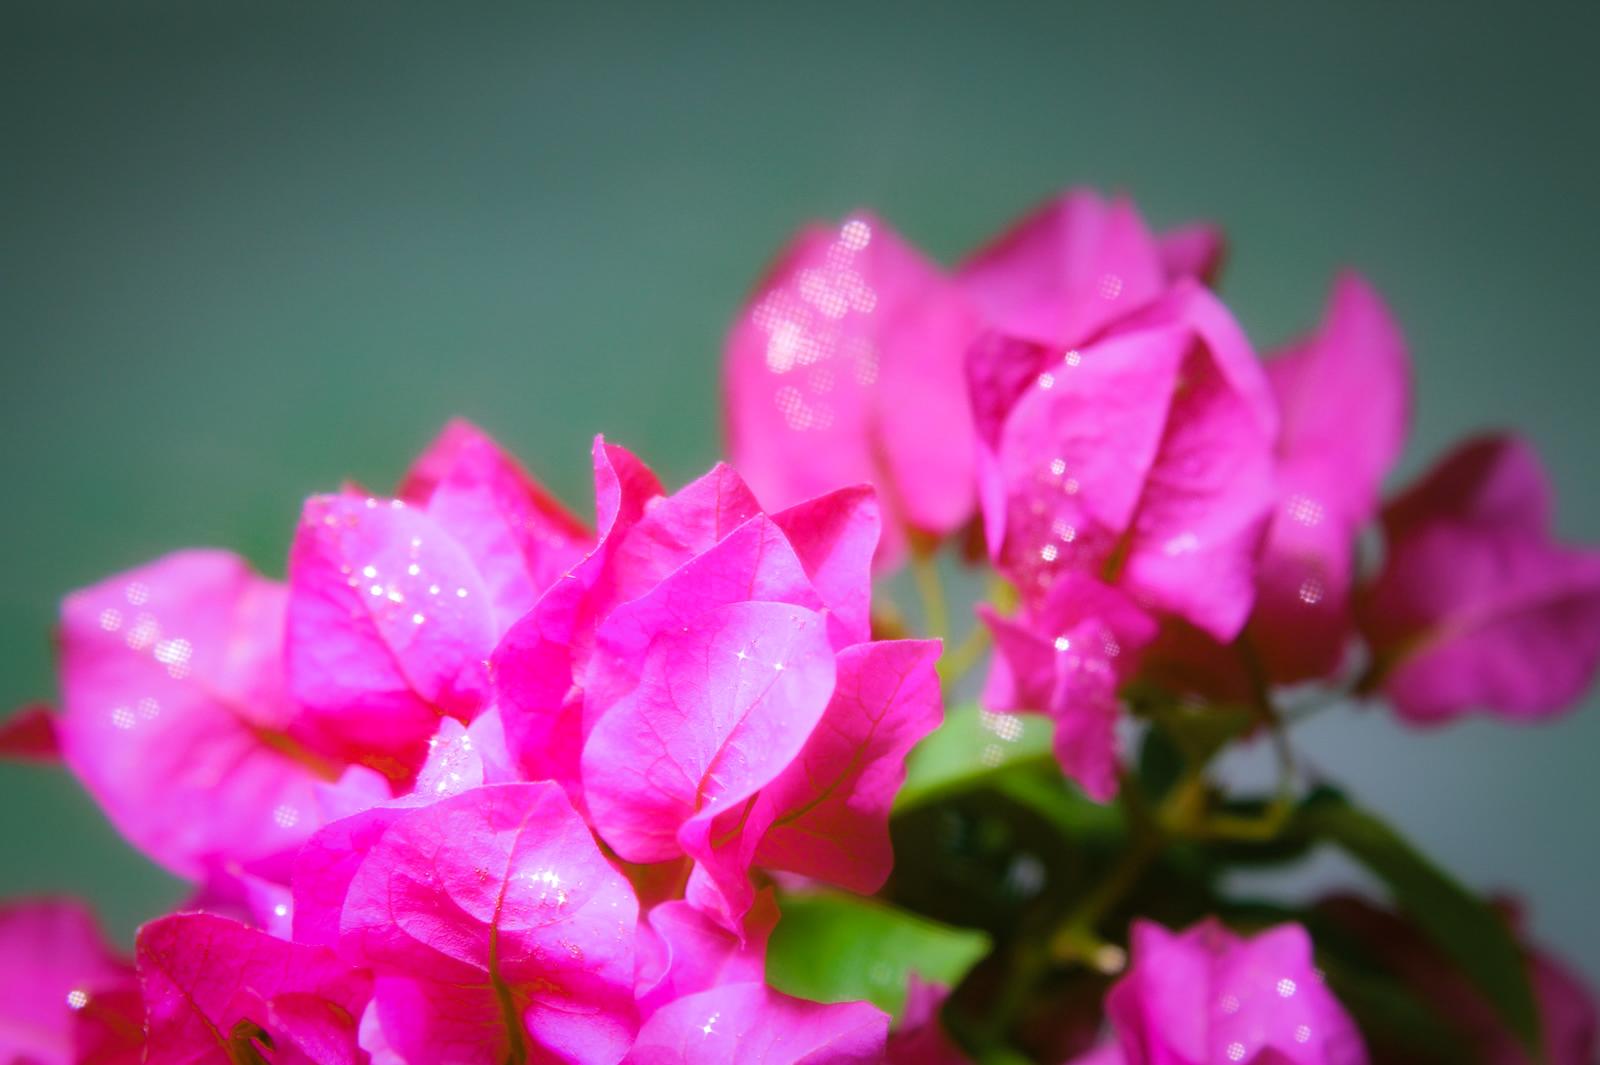 水滴が輝くブーゲンビリア